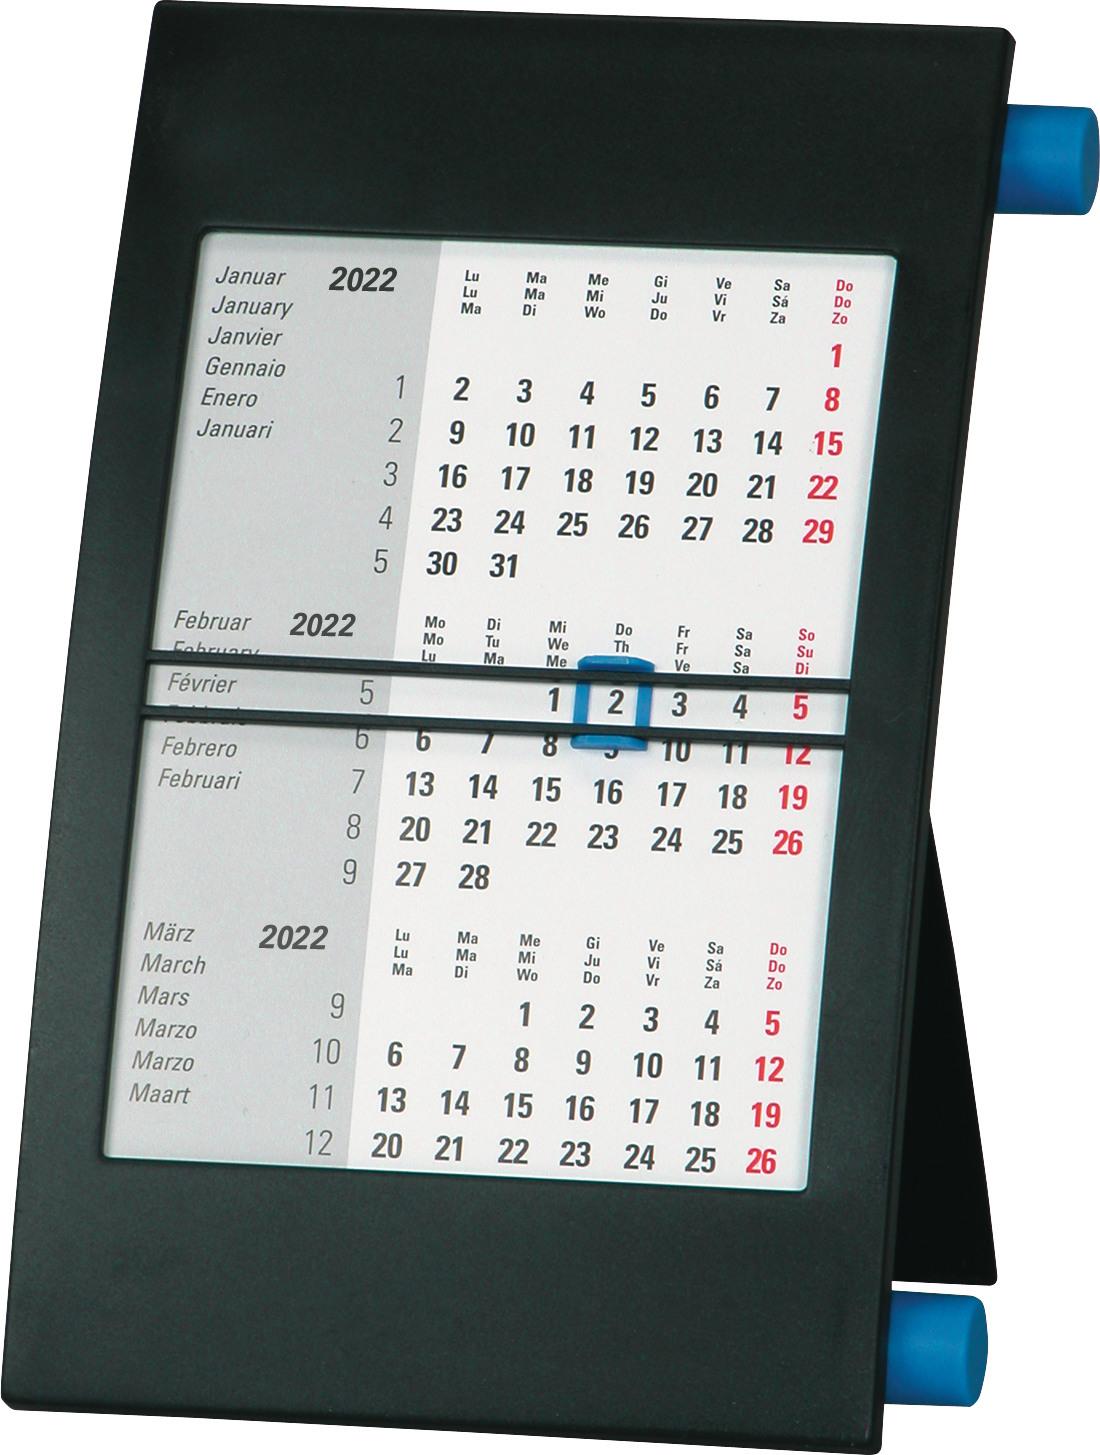 BIELLA Pultkalender Desktop Frame 0883501.020022 18x11 cm, 3M/1S, 2022